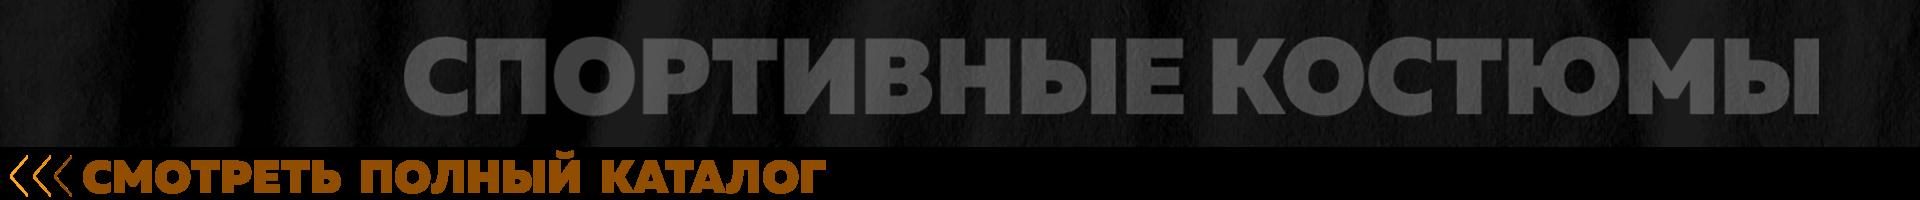 Перейти из подборки серо черных мужских спортивных костюмов в полный каталог.